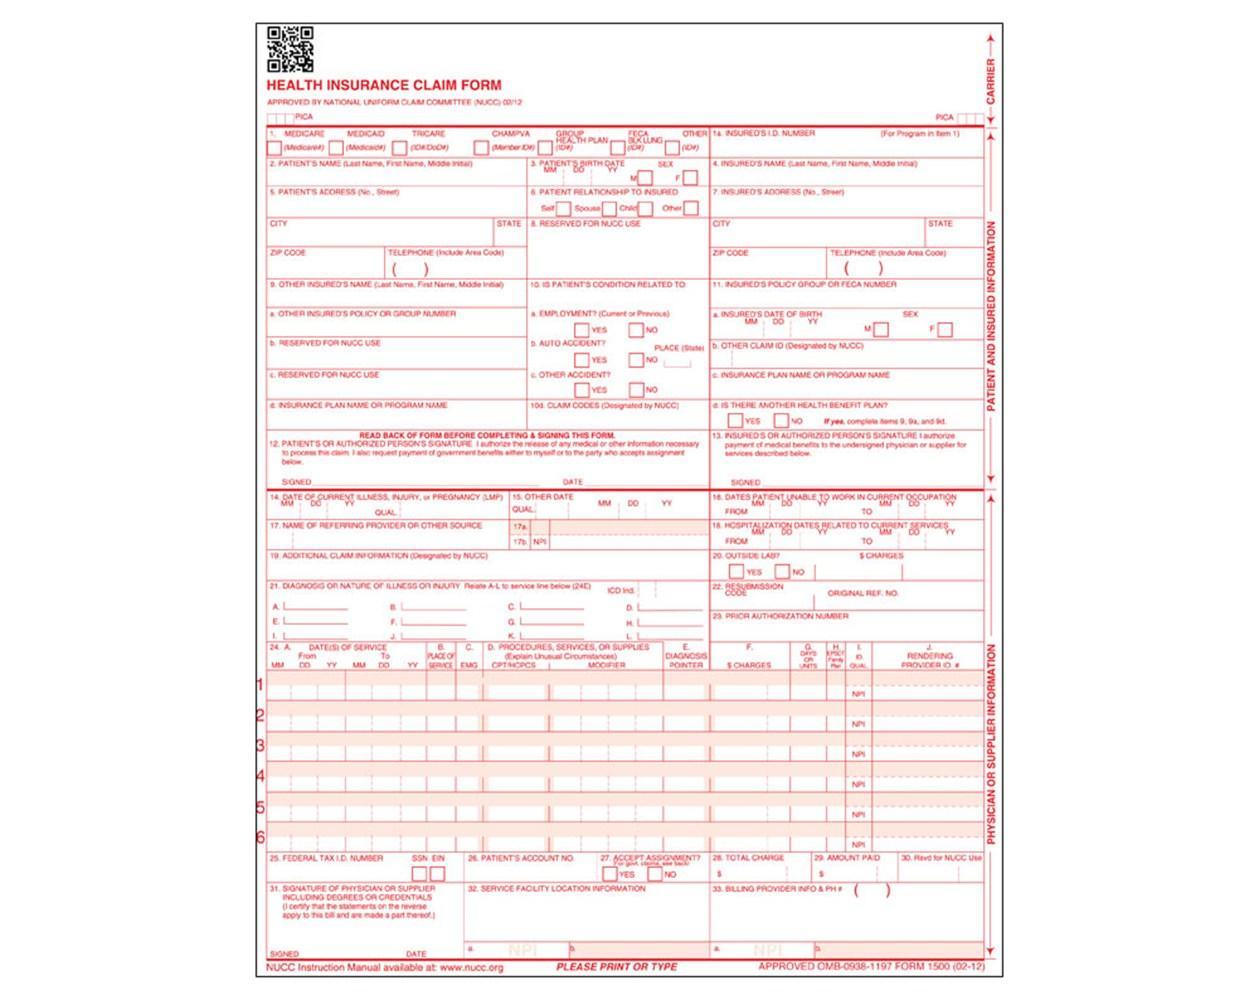 Hcfa 1500 Claim Form Aflac